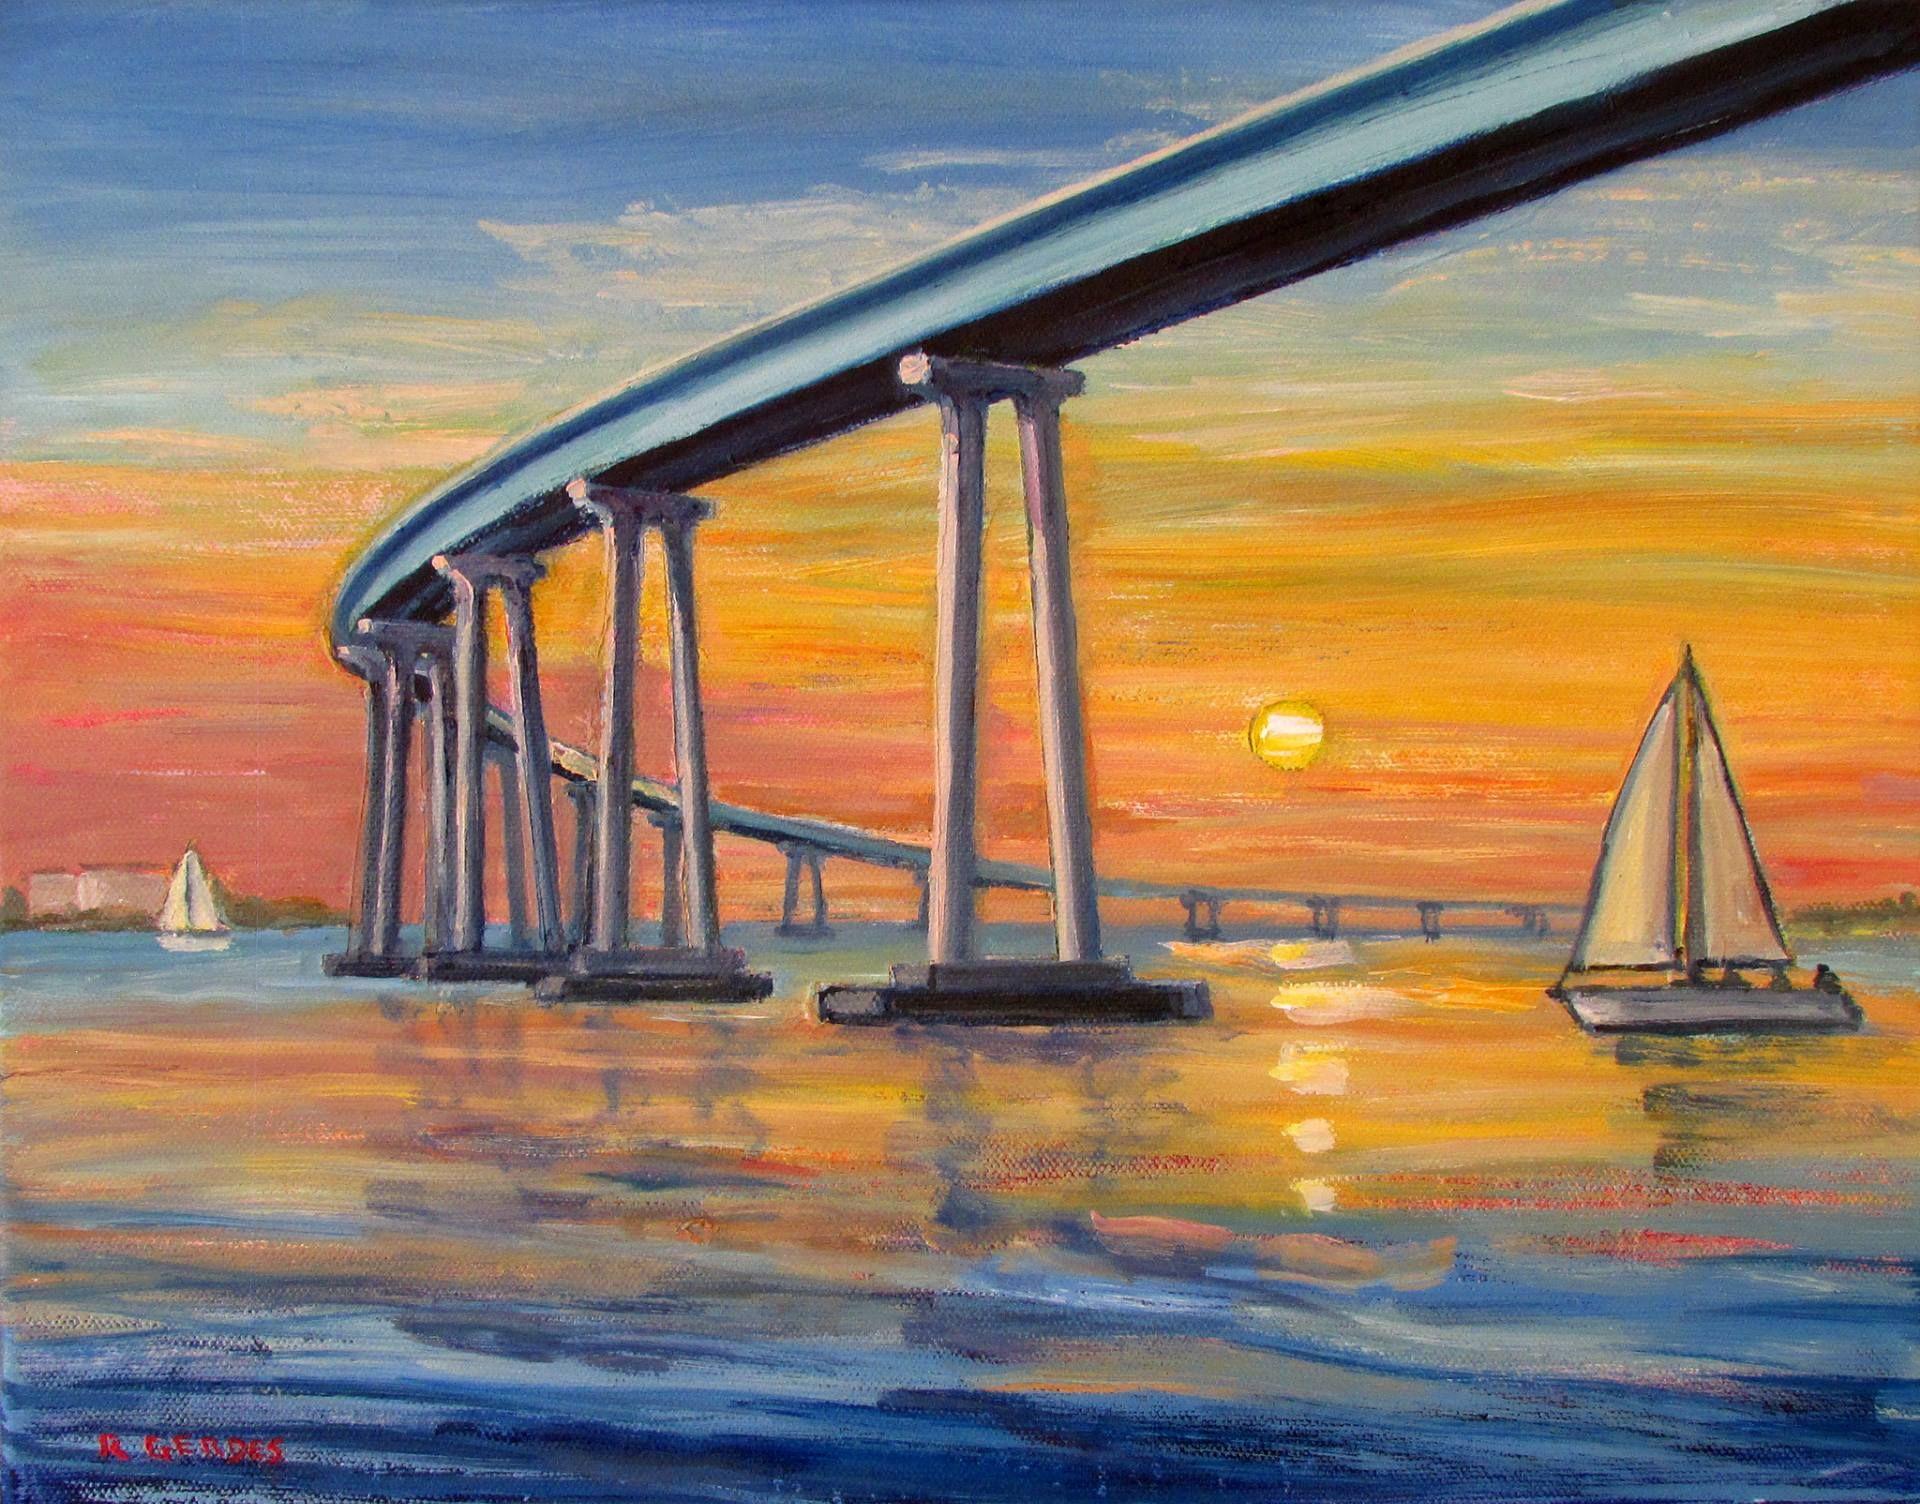 4cbc332681 Buy Prints of Coronado Bridge and Sailboat at Sunset